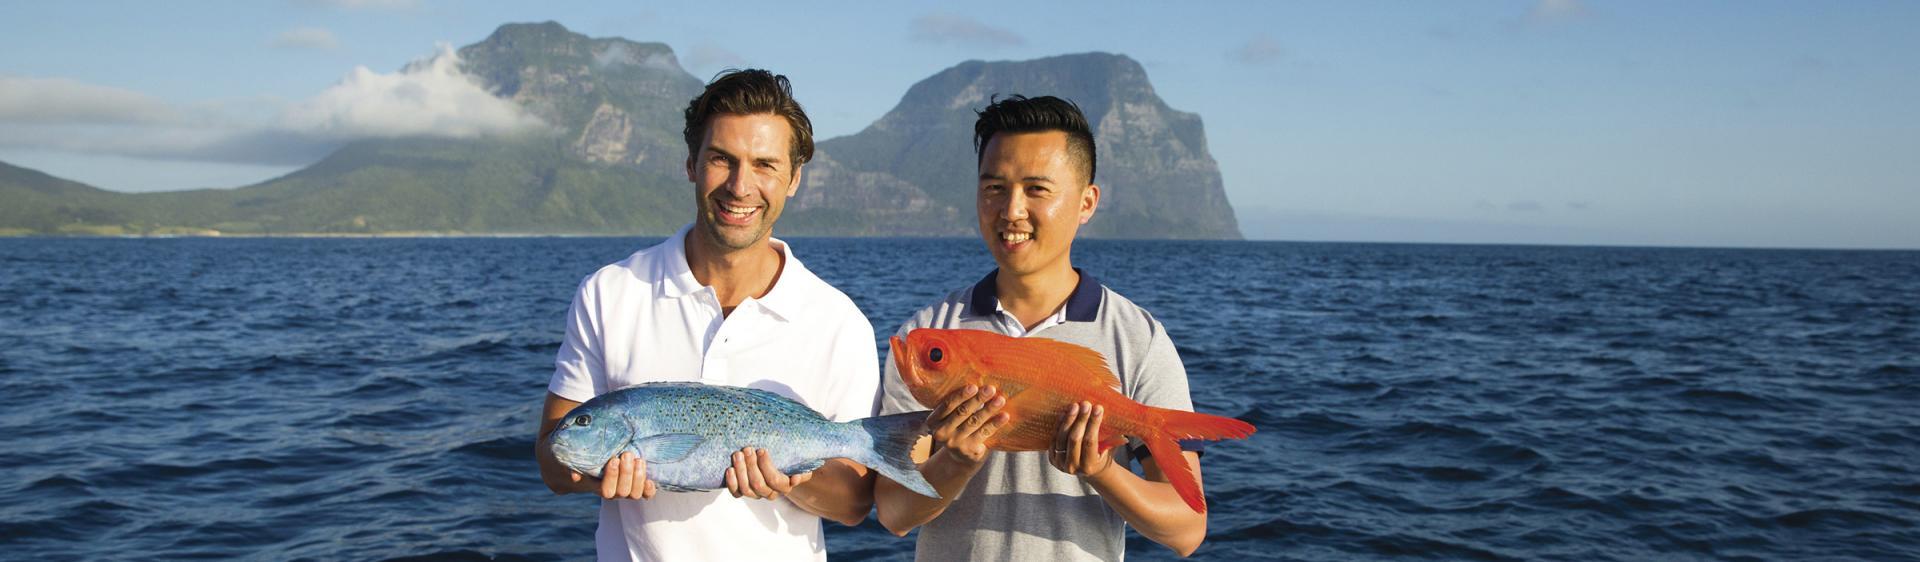 深海釣魚,豪勳爵島(Lord Howe Island)